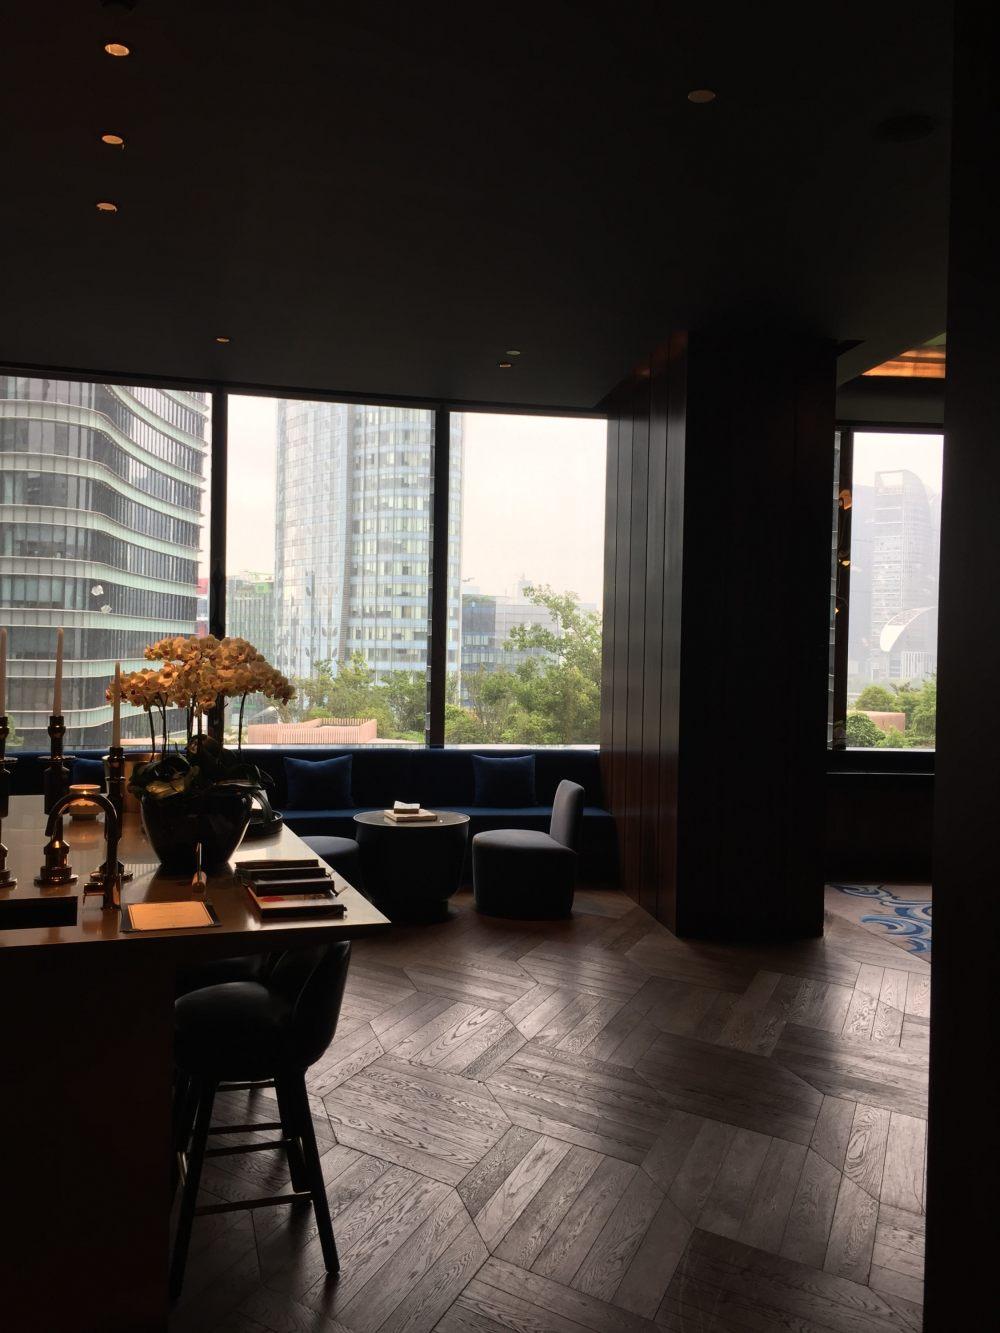 上海外滩W酒店,史上最全入住体验 自拍分享,申请置...._IMG_6339.JPG